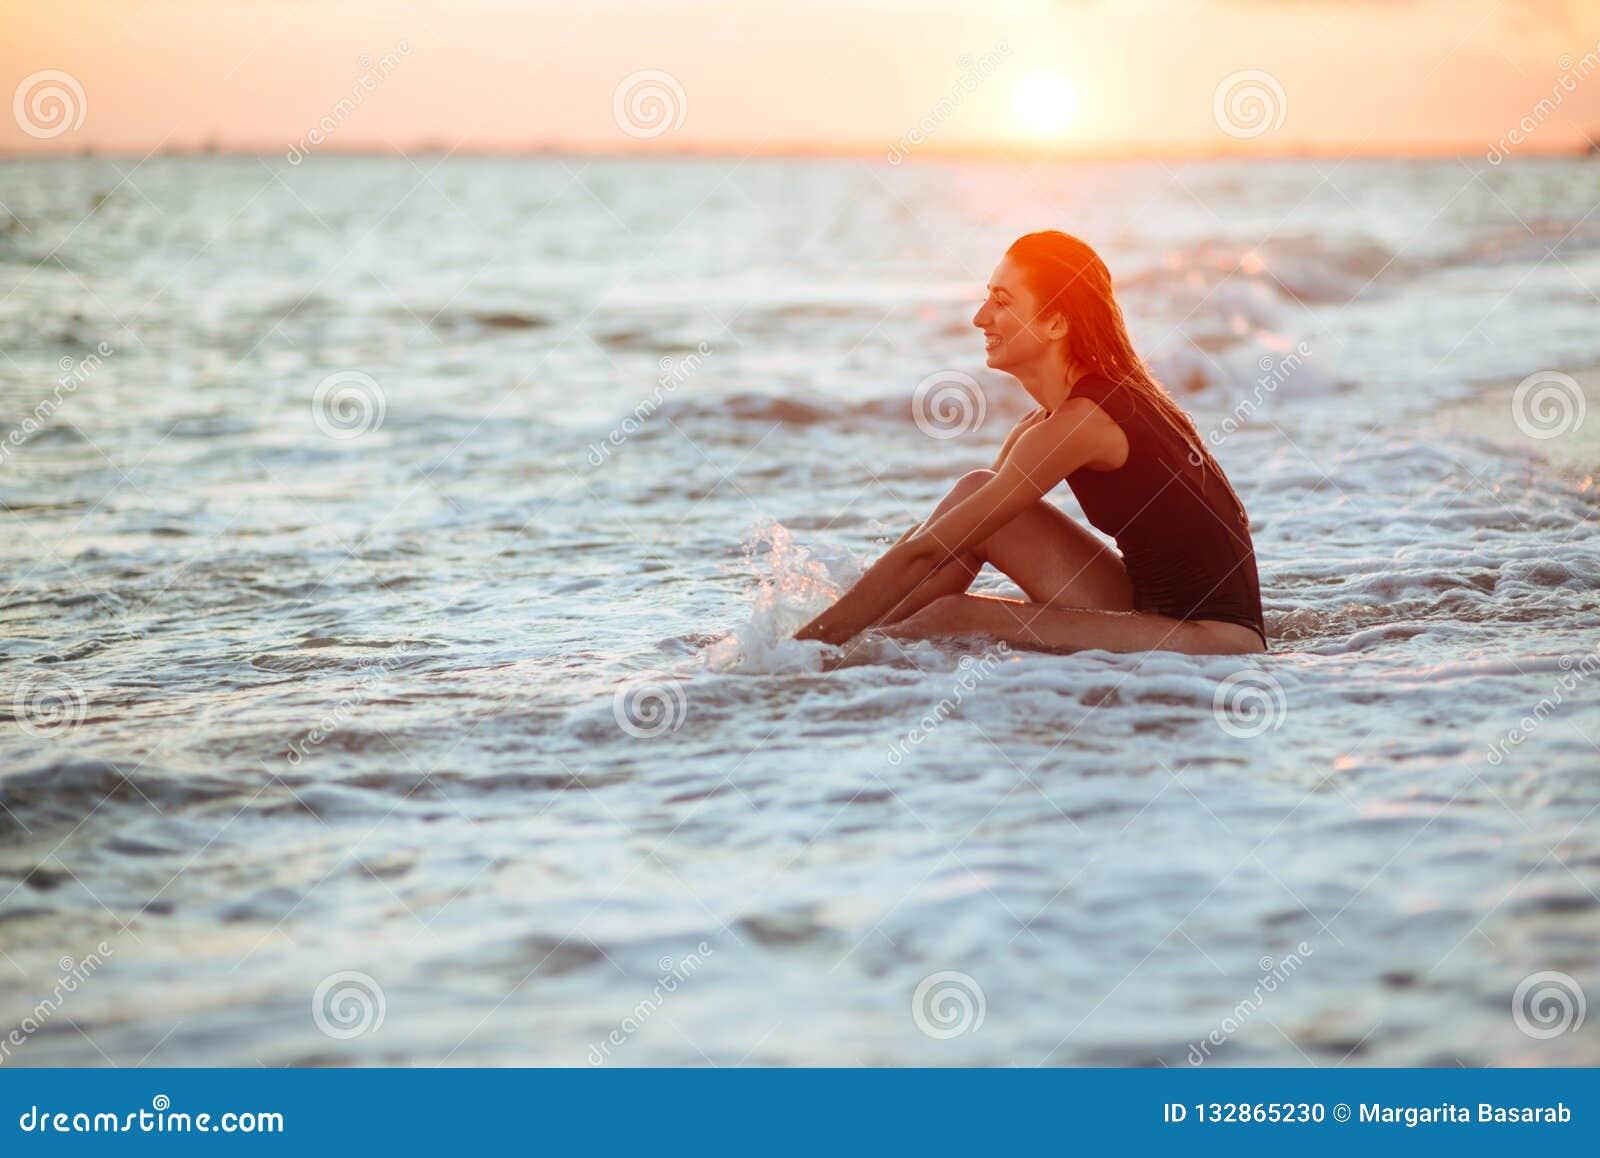 Silhouette d une fille dans l eau au coucher du soleil